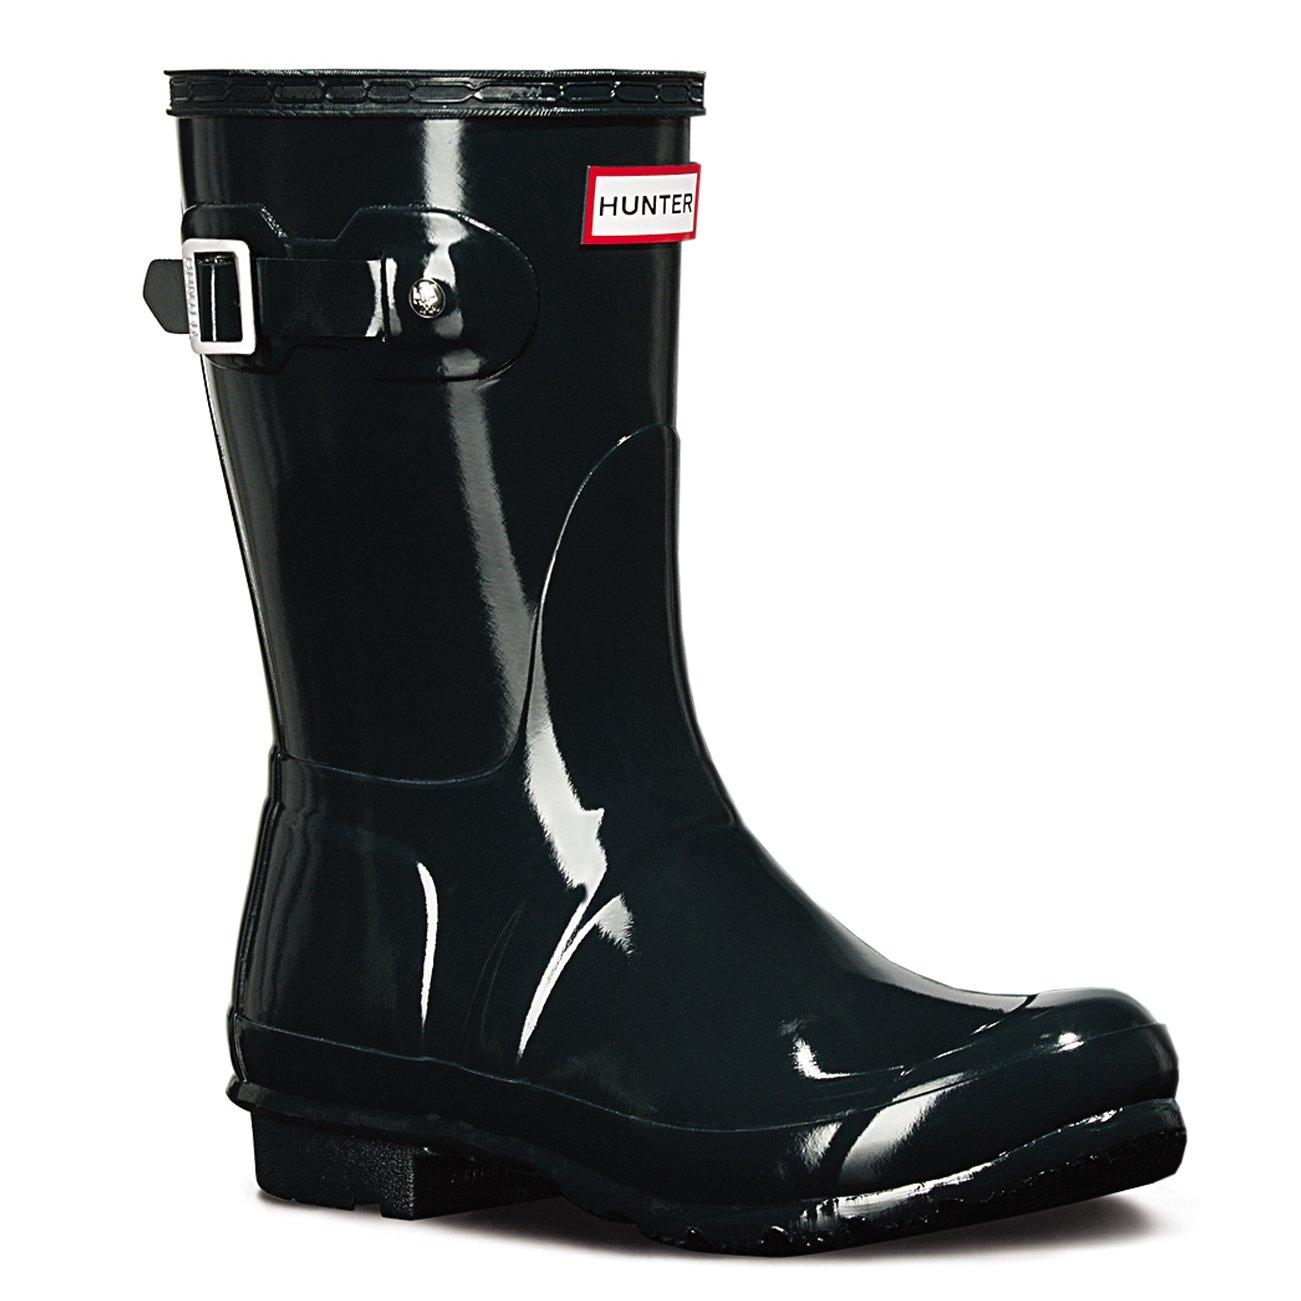 Hunter Women's Boots Original Short Gloss Snow Rain Boots Water Boots Unisex - Black - 8 B01JOTUSZY 10|Ocean Blue